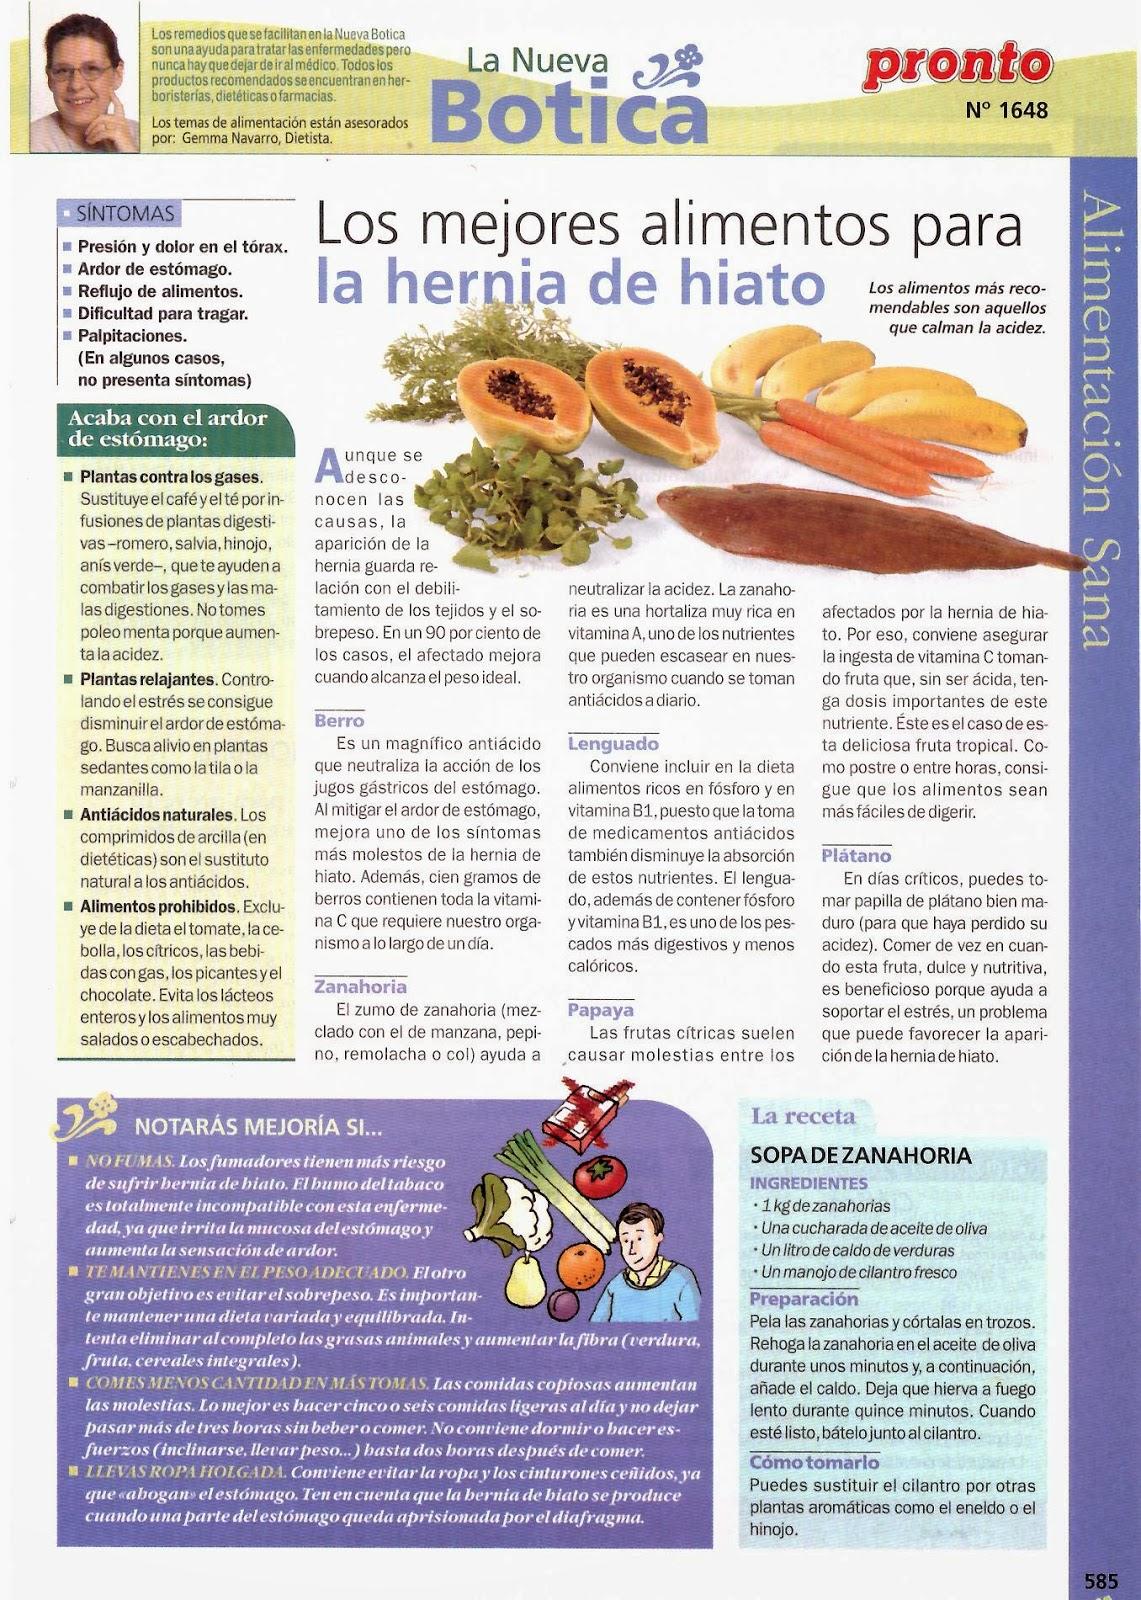 Zumos brebajes y p cimas saludables - Alimentos prohibidos para la hernia de hiato ...